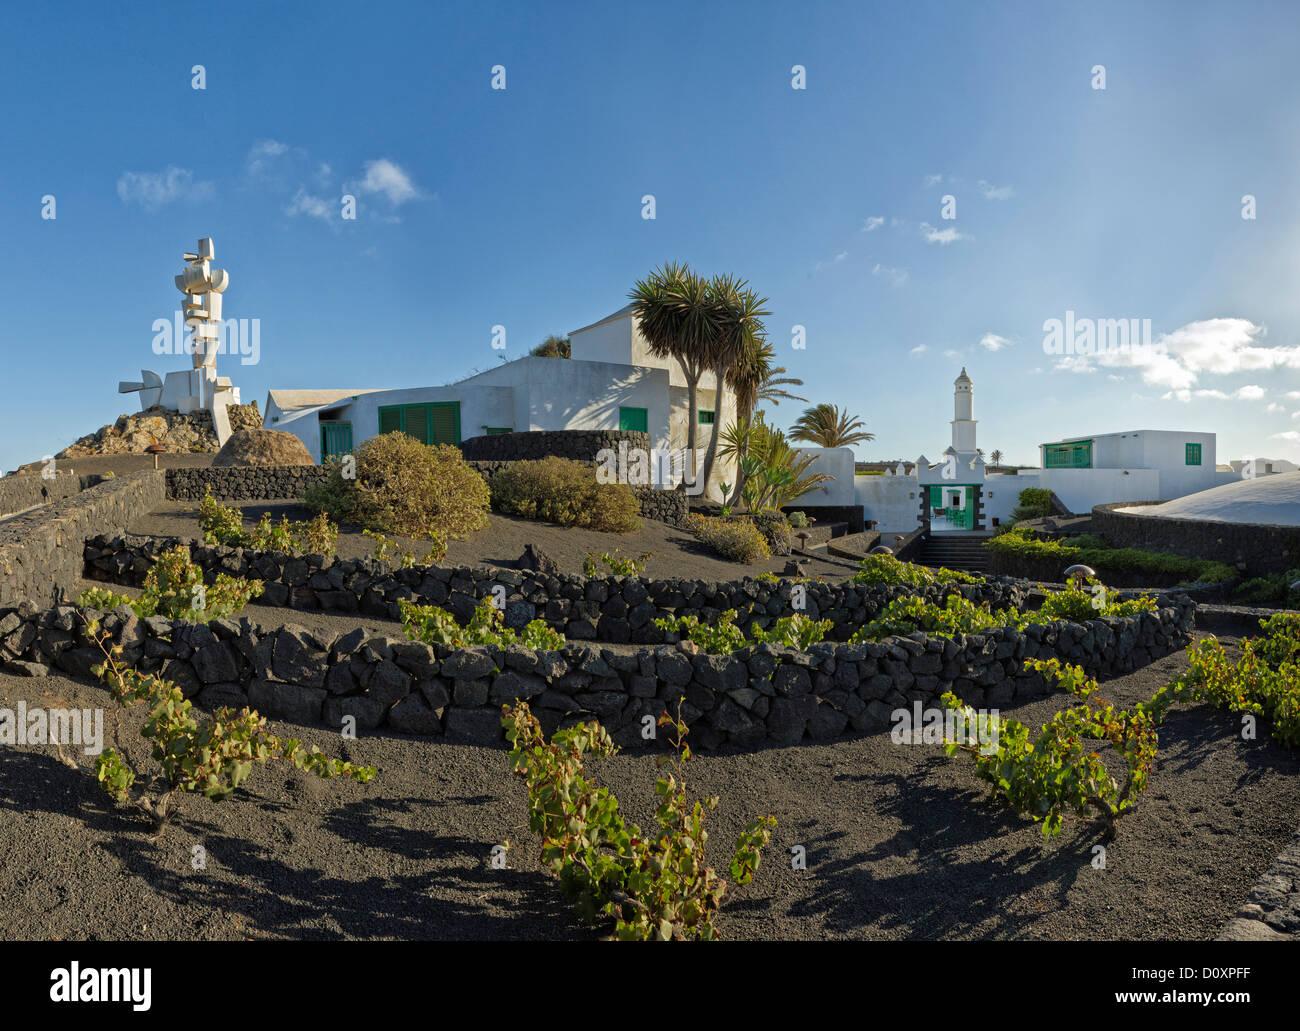 Spagna, Lanzarote, Mozaga, Monumento al campesina, monumento, città, villaggio, estate, Isole Canarie, Immagini Stock